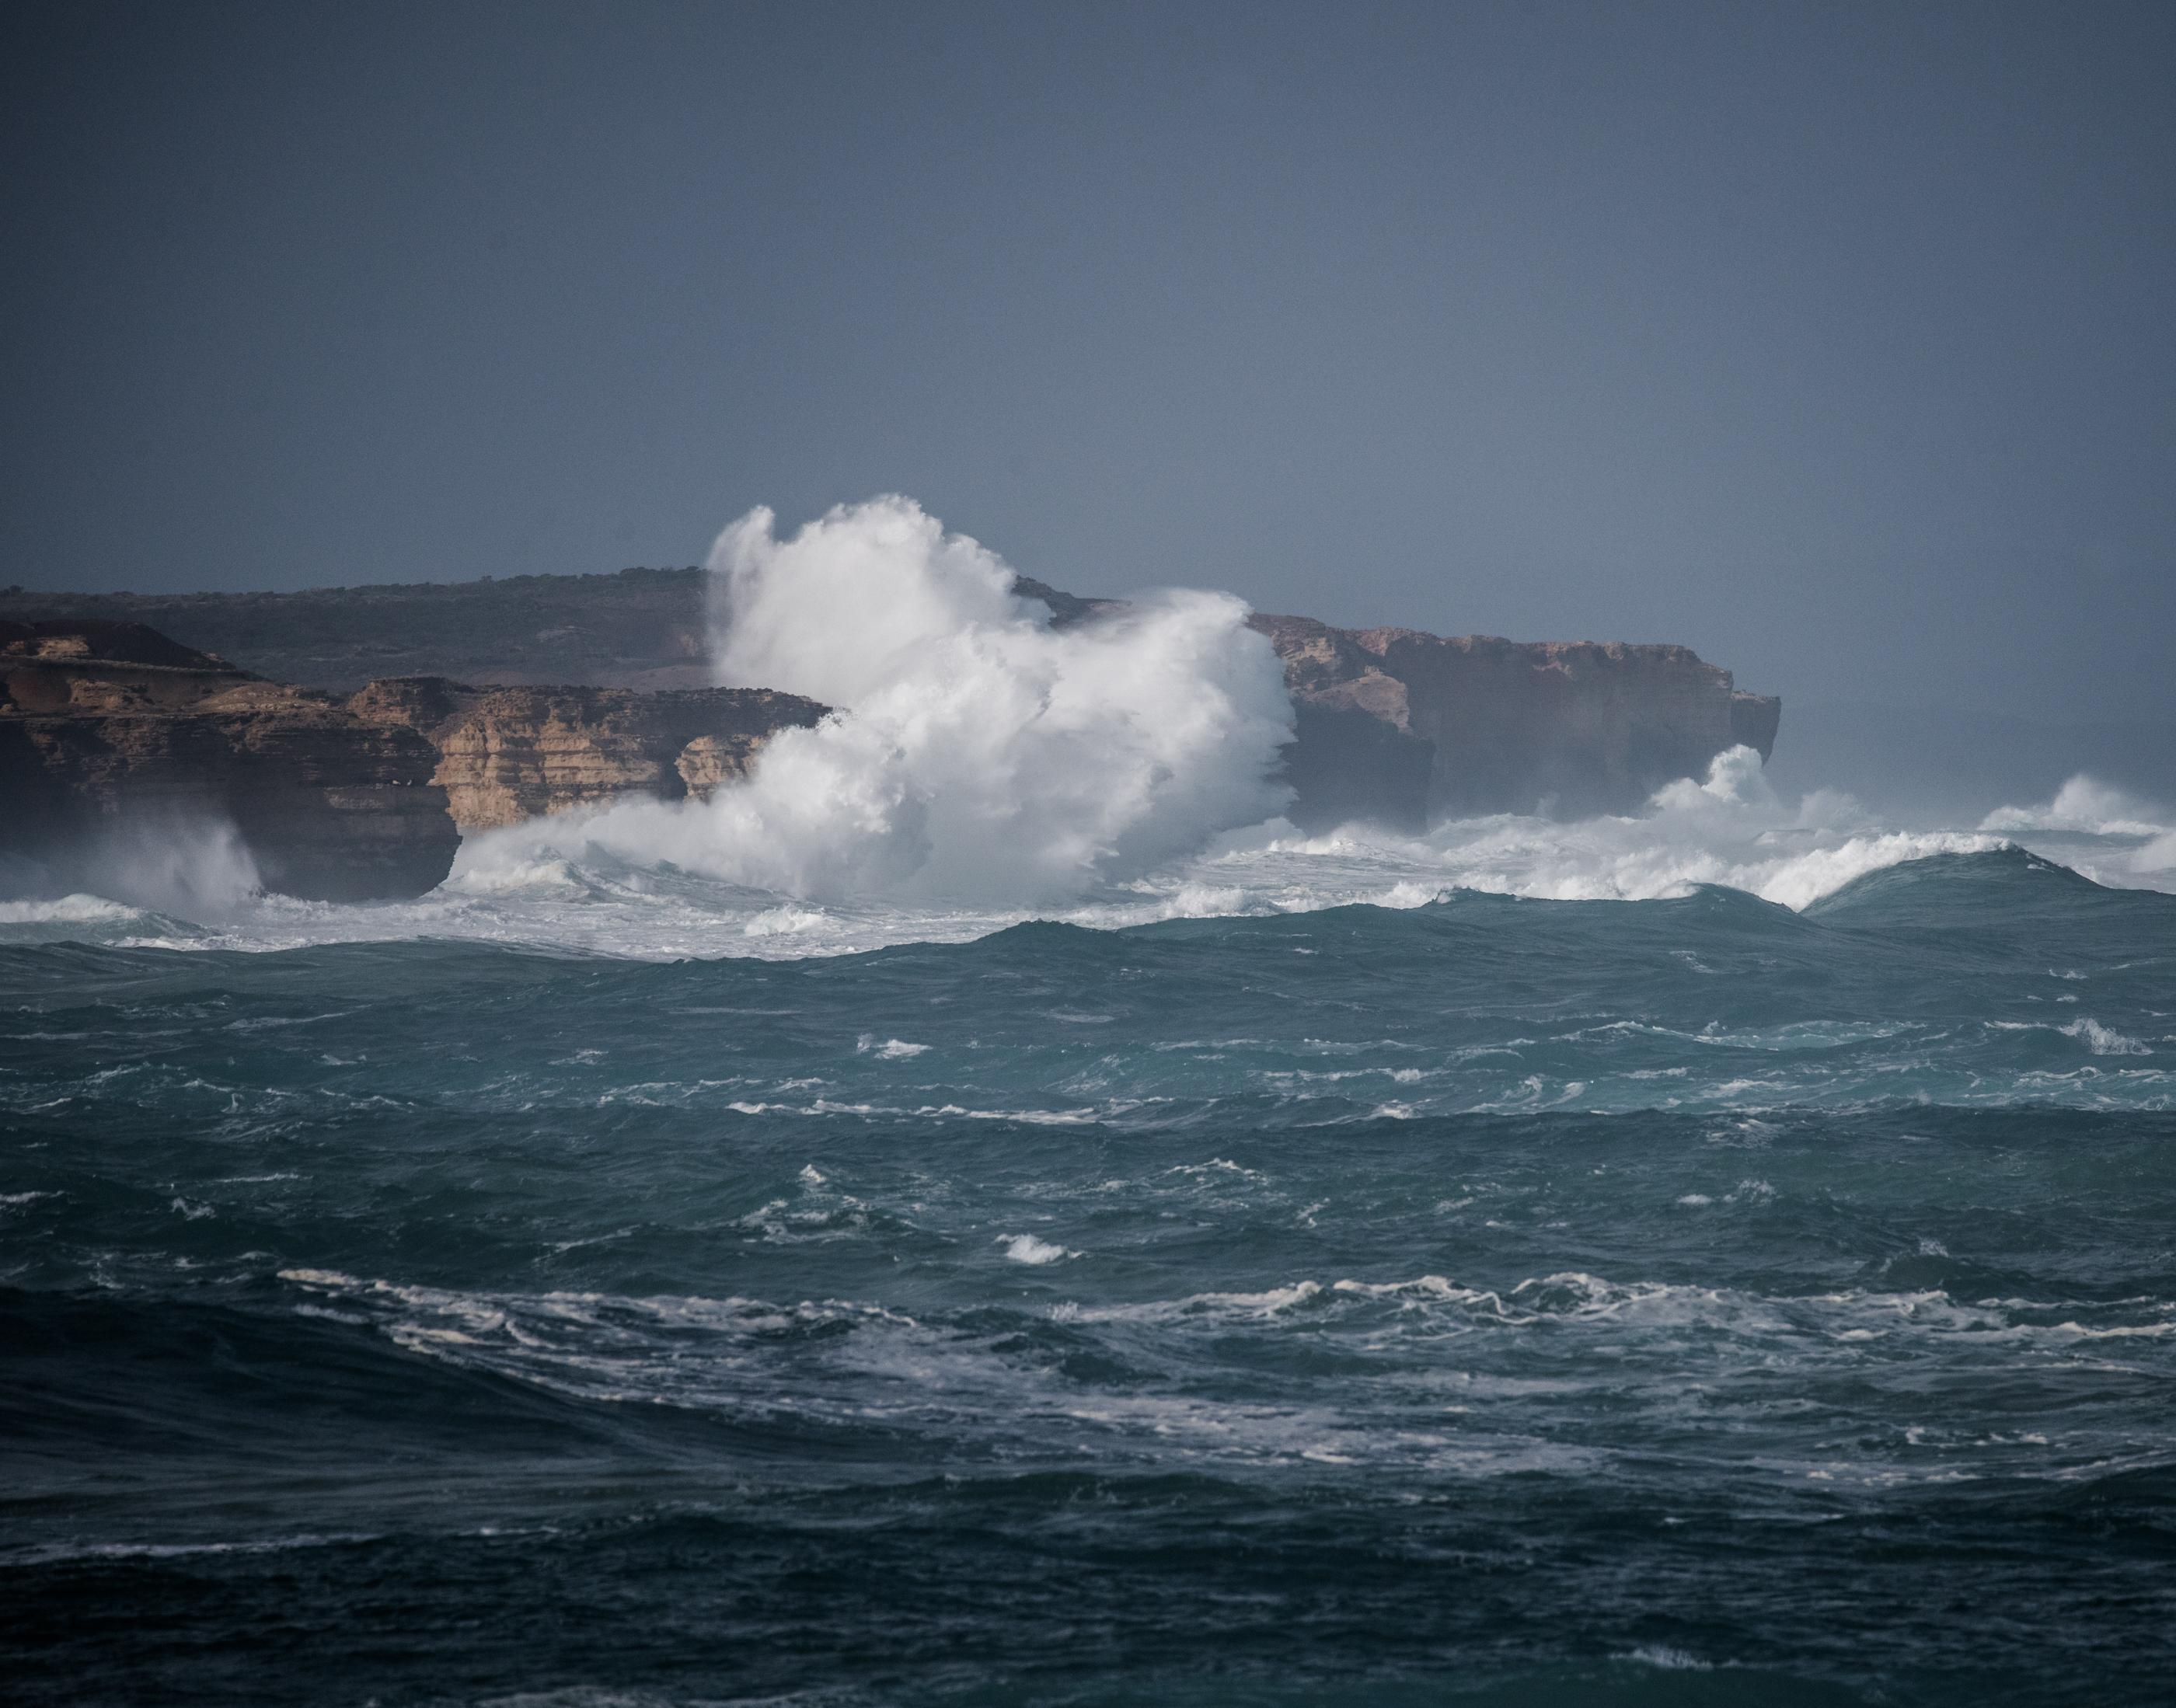 Huge breaking wave near Peterborough